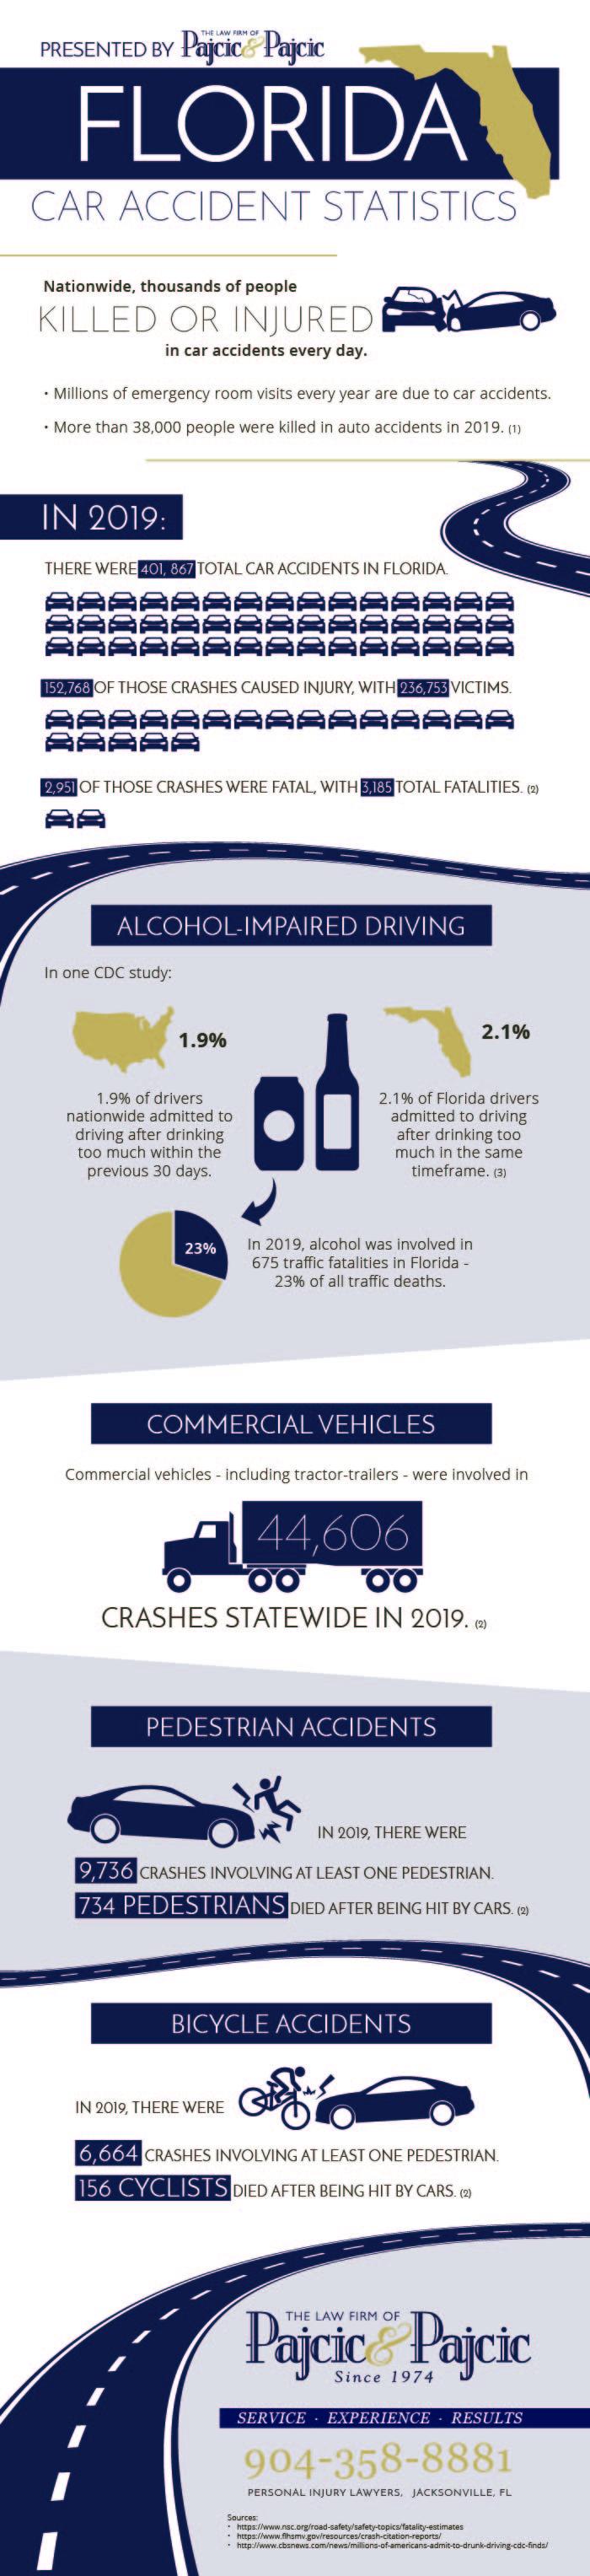 Car Accident Statistics infographic